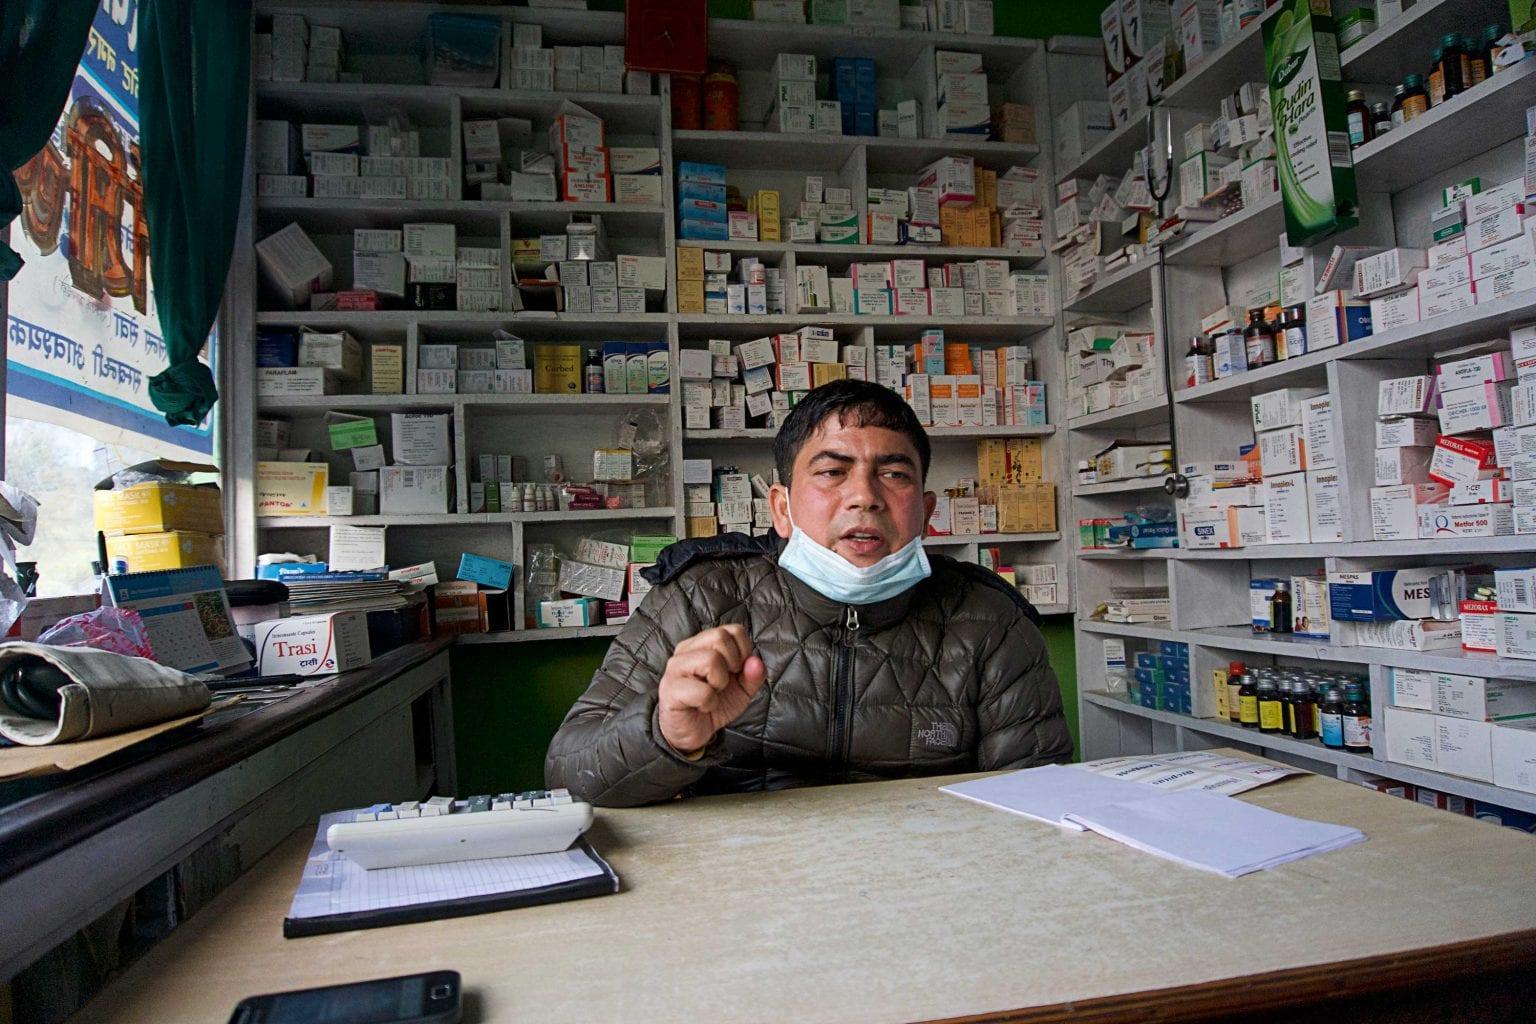 Hari Dutta Subedi er apoteker, og han udgør det primære sundhedstilbud for småbønderne i Pitaunji, og andre omkringliggende landsbyer.    Patienterne fra Pitaunji kommer ofte med sviende øjne, fortæller han.